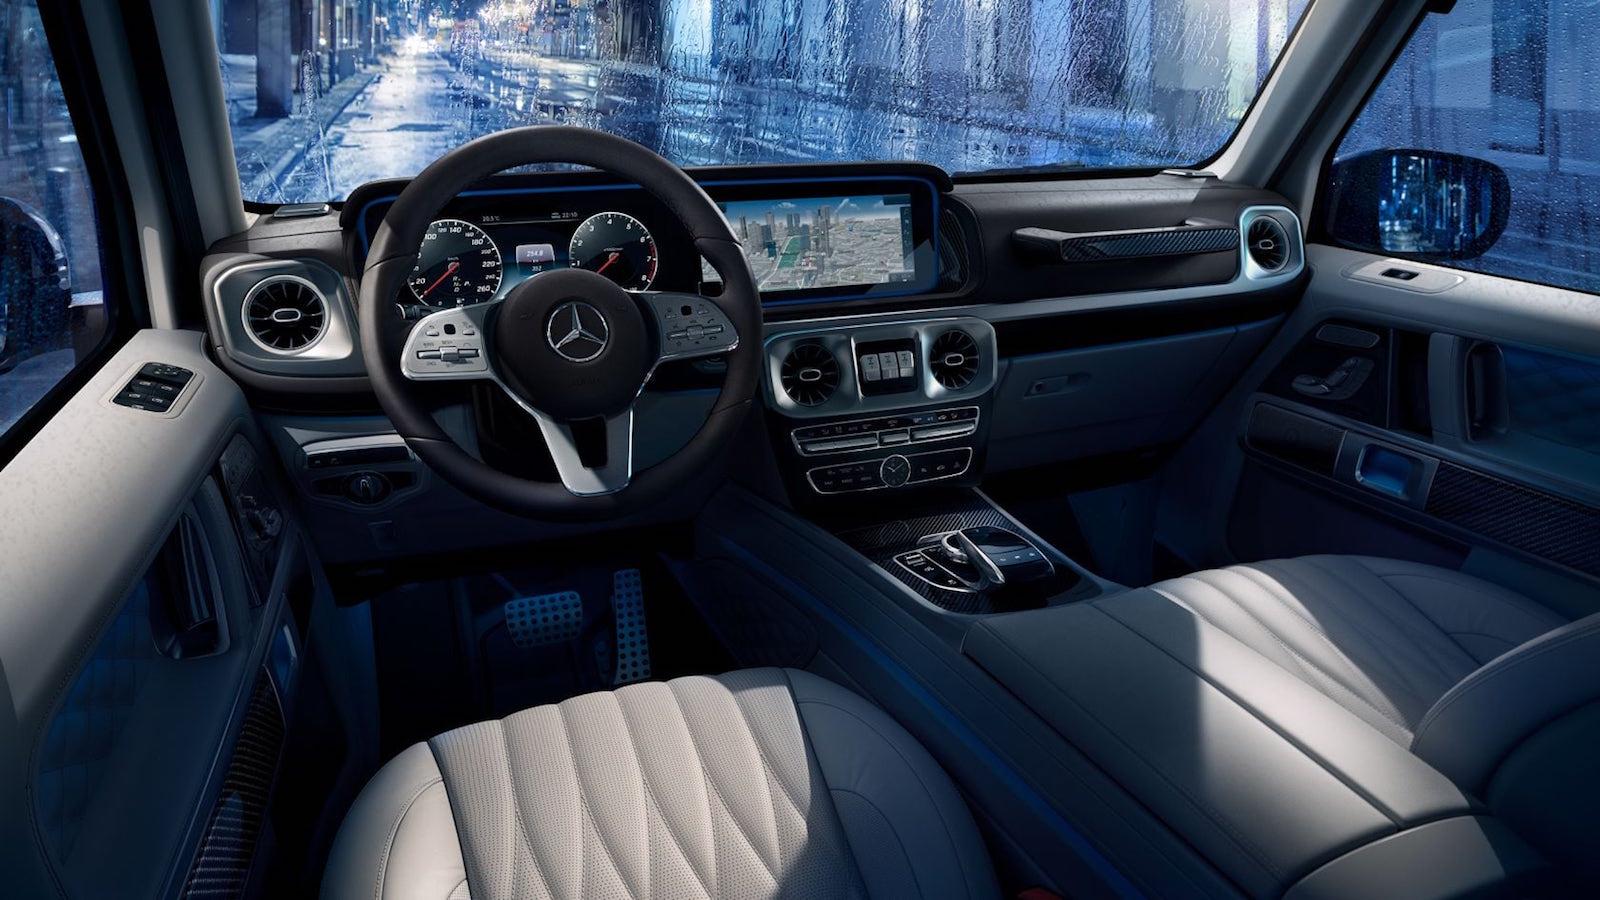 Mercedes Clase G Interior